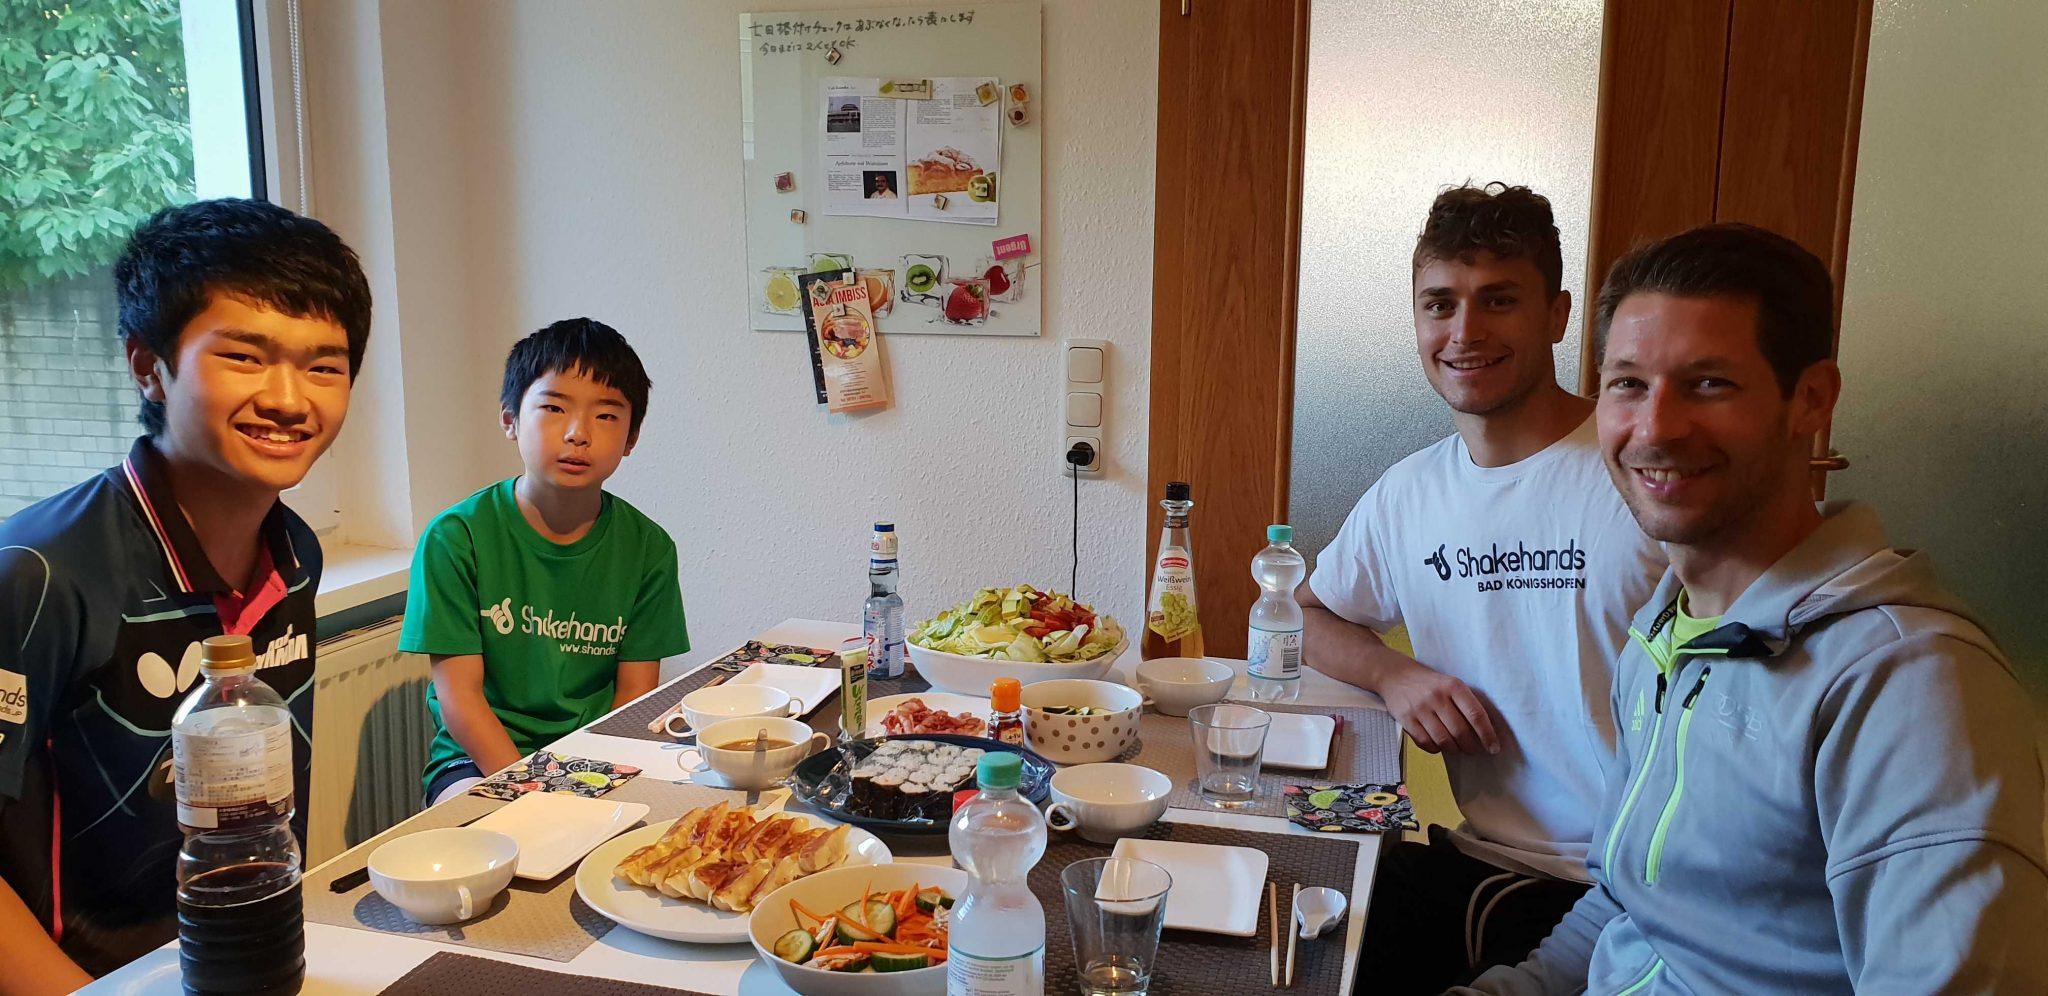 日本食が大好きで箸使いの上手なシュテガーとフィリップ